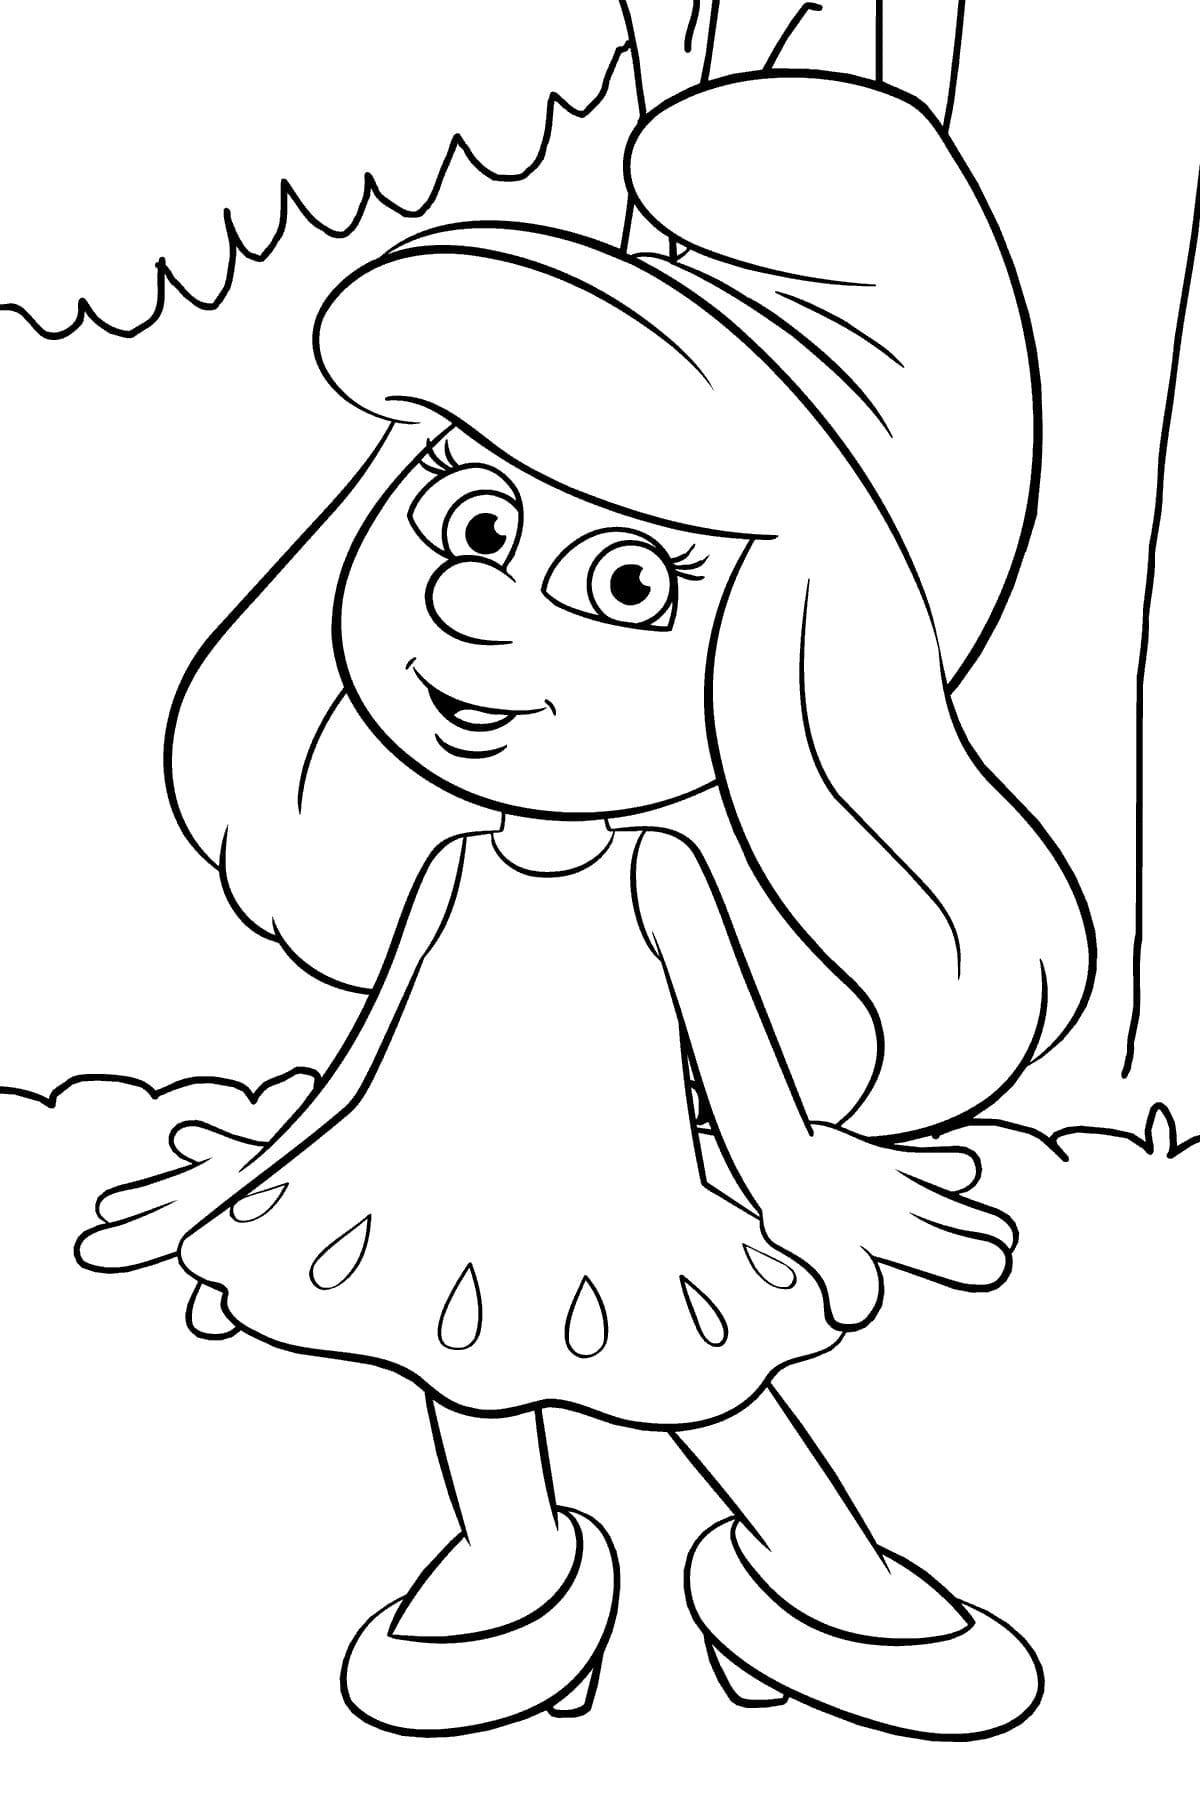 Раскраска смурфики в большом городе | раскраски смурфики (smurfs). раскраска смурфы - smurfs coloring pages